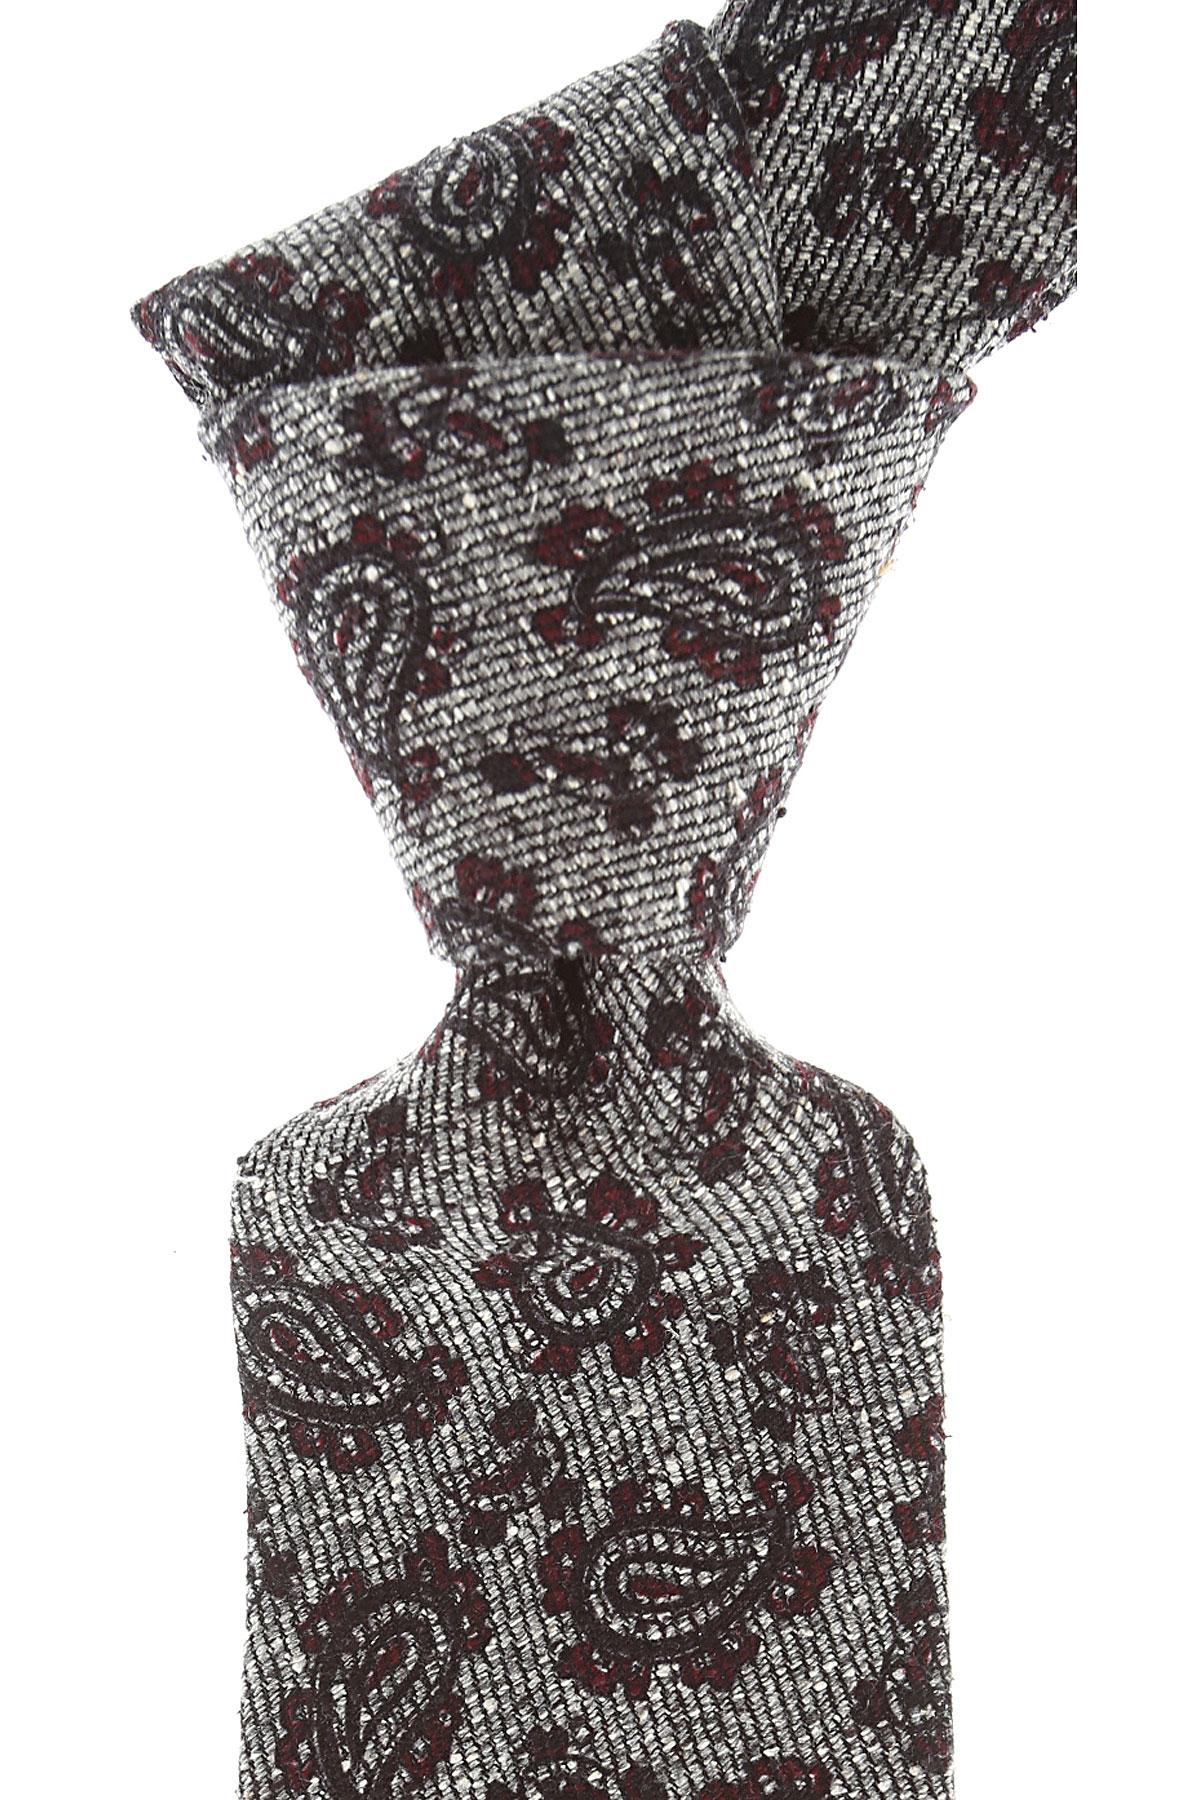 Borrelli Cravates Pas cher en Soldes, Mélange gris cendre, Soie, 2021